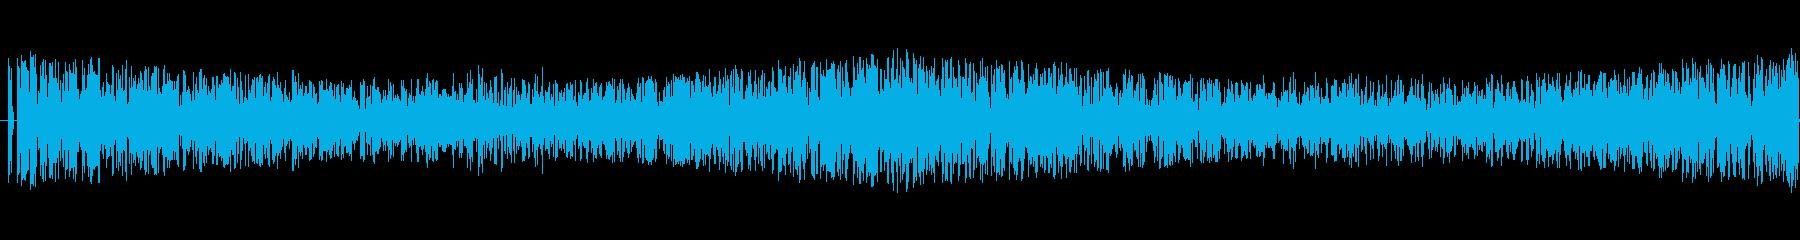 嵐/竜巻の効果音に最適です!ループ可能1の再生済みの波形